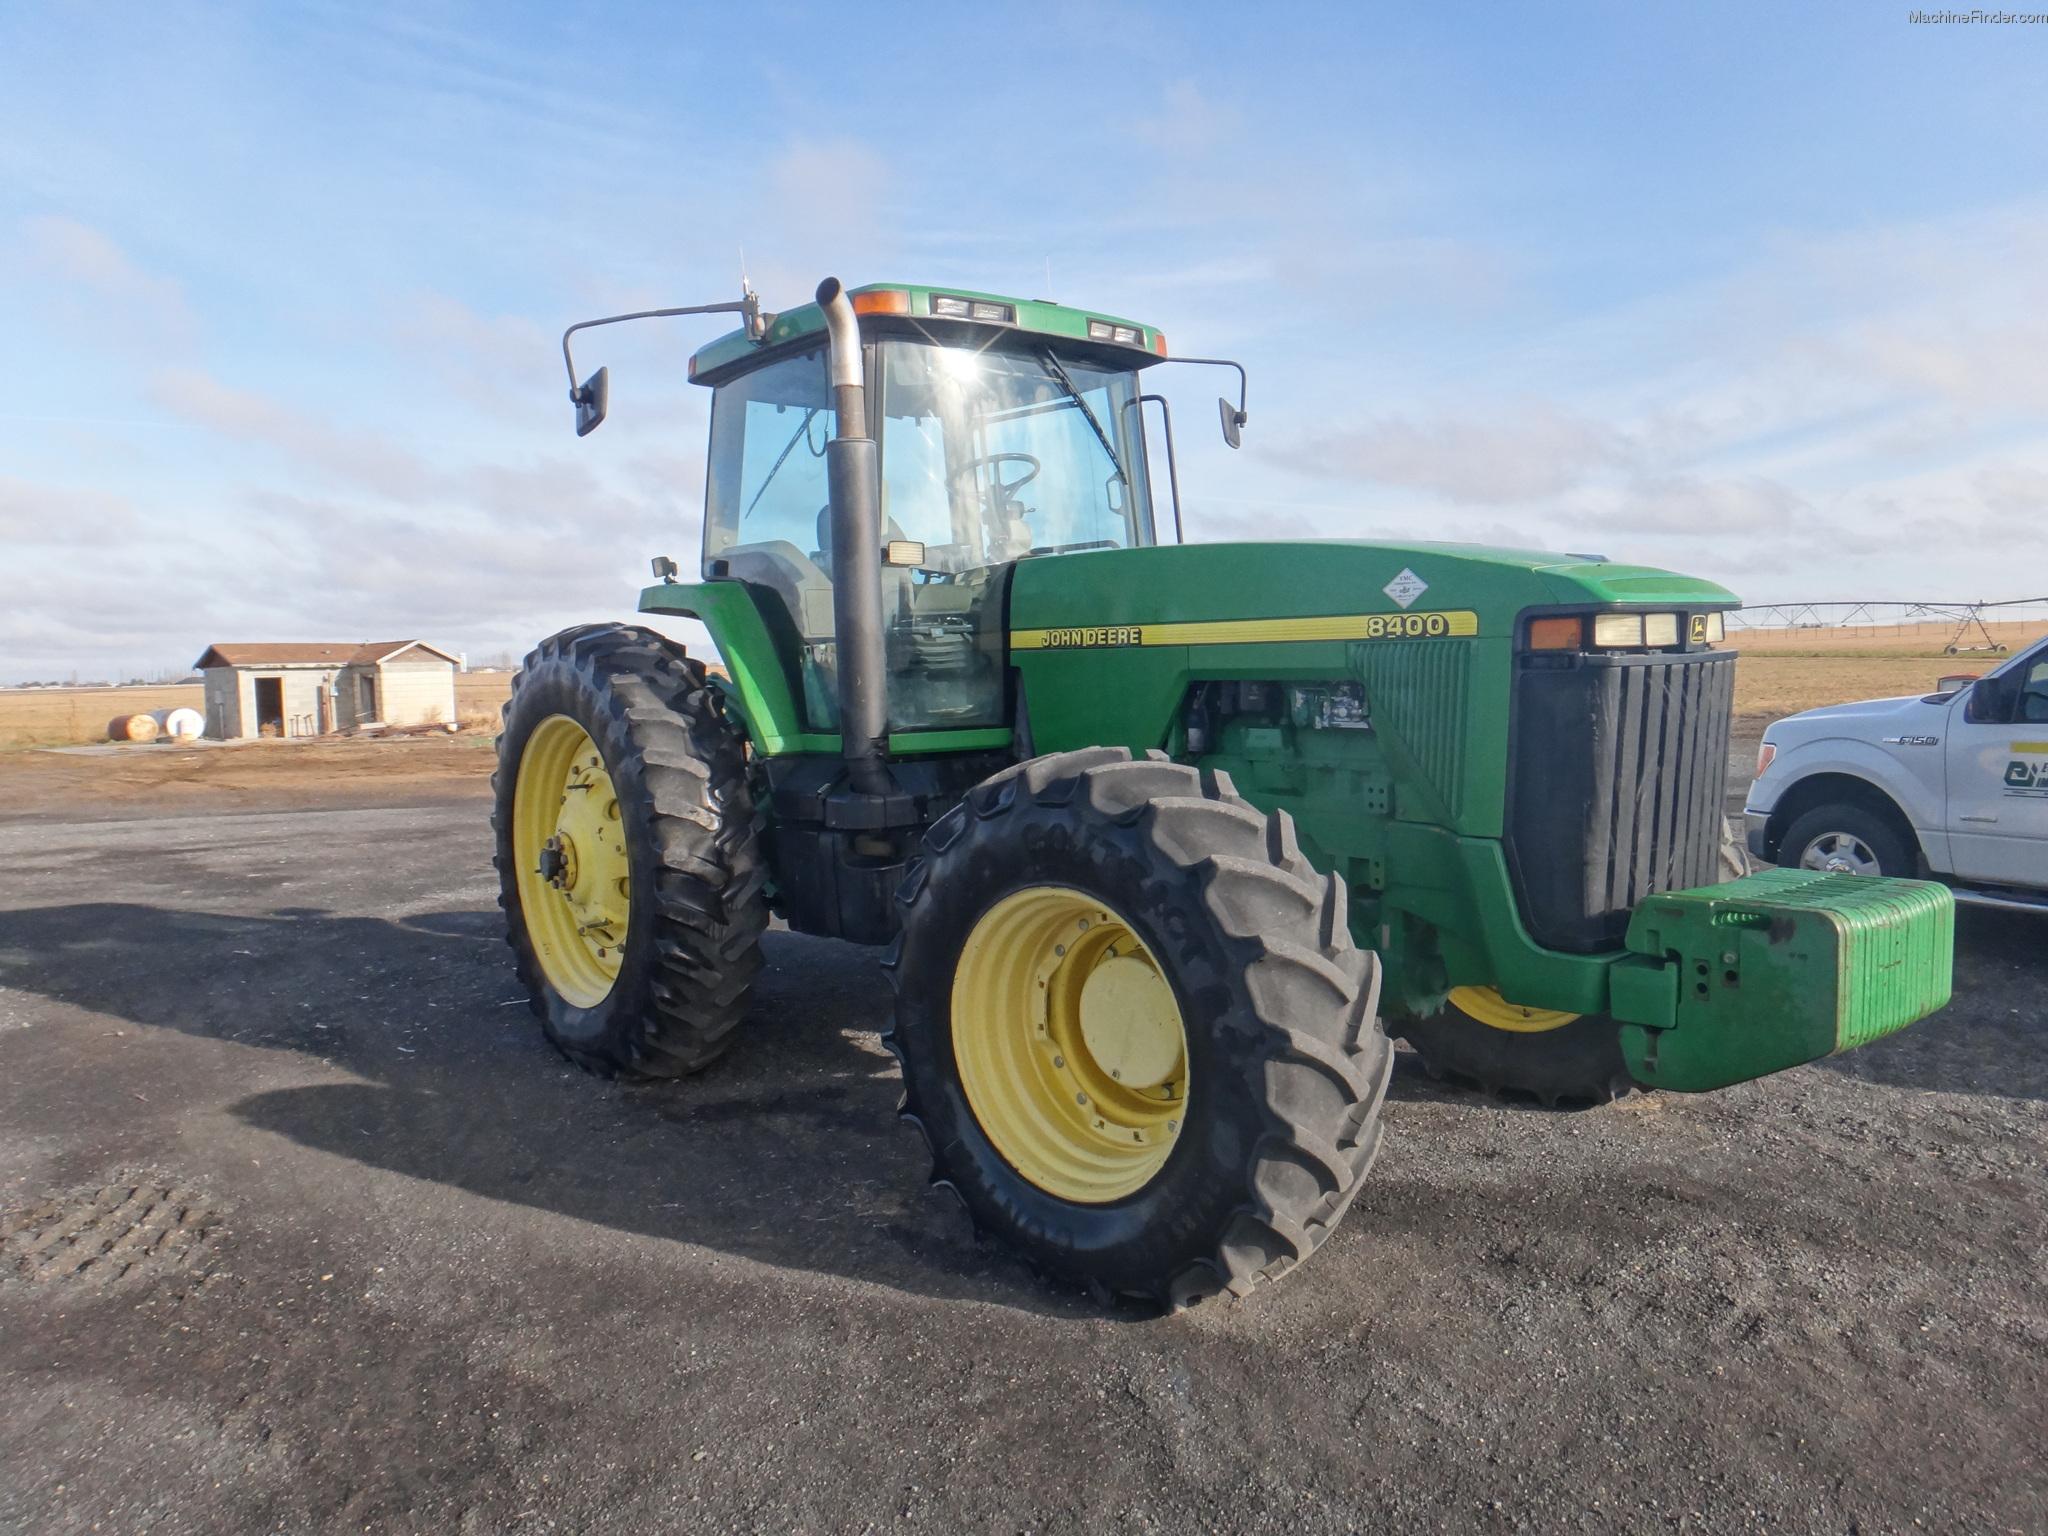 1997 John Deere 8400 Tractors - Row Crop (+100hp) - John ...